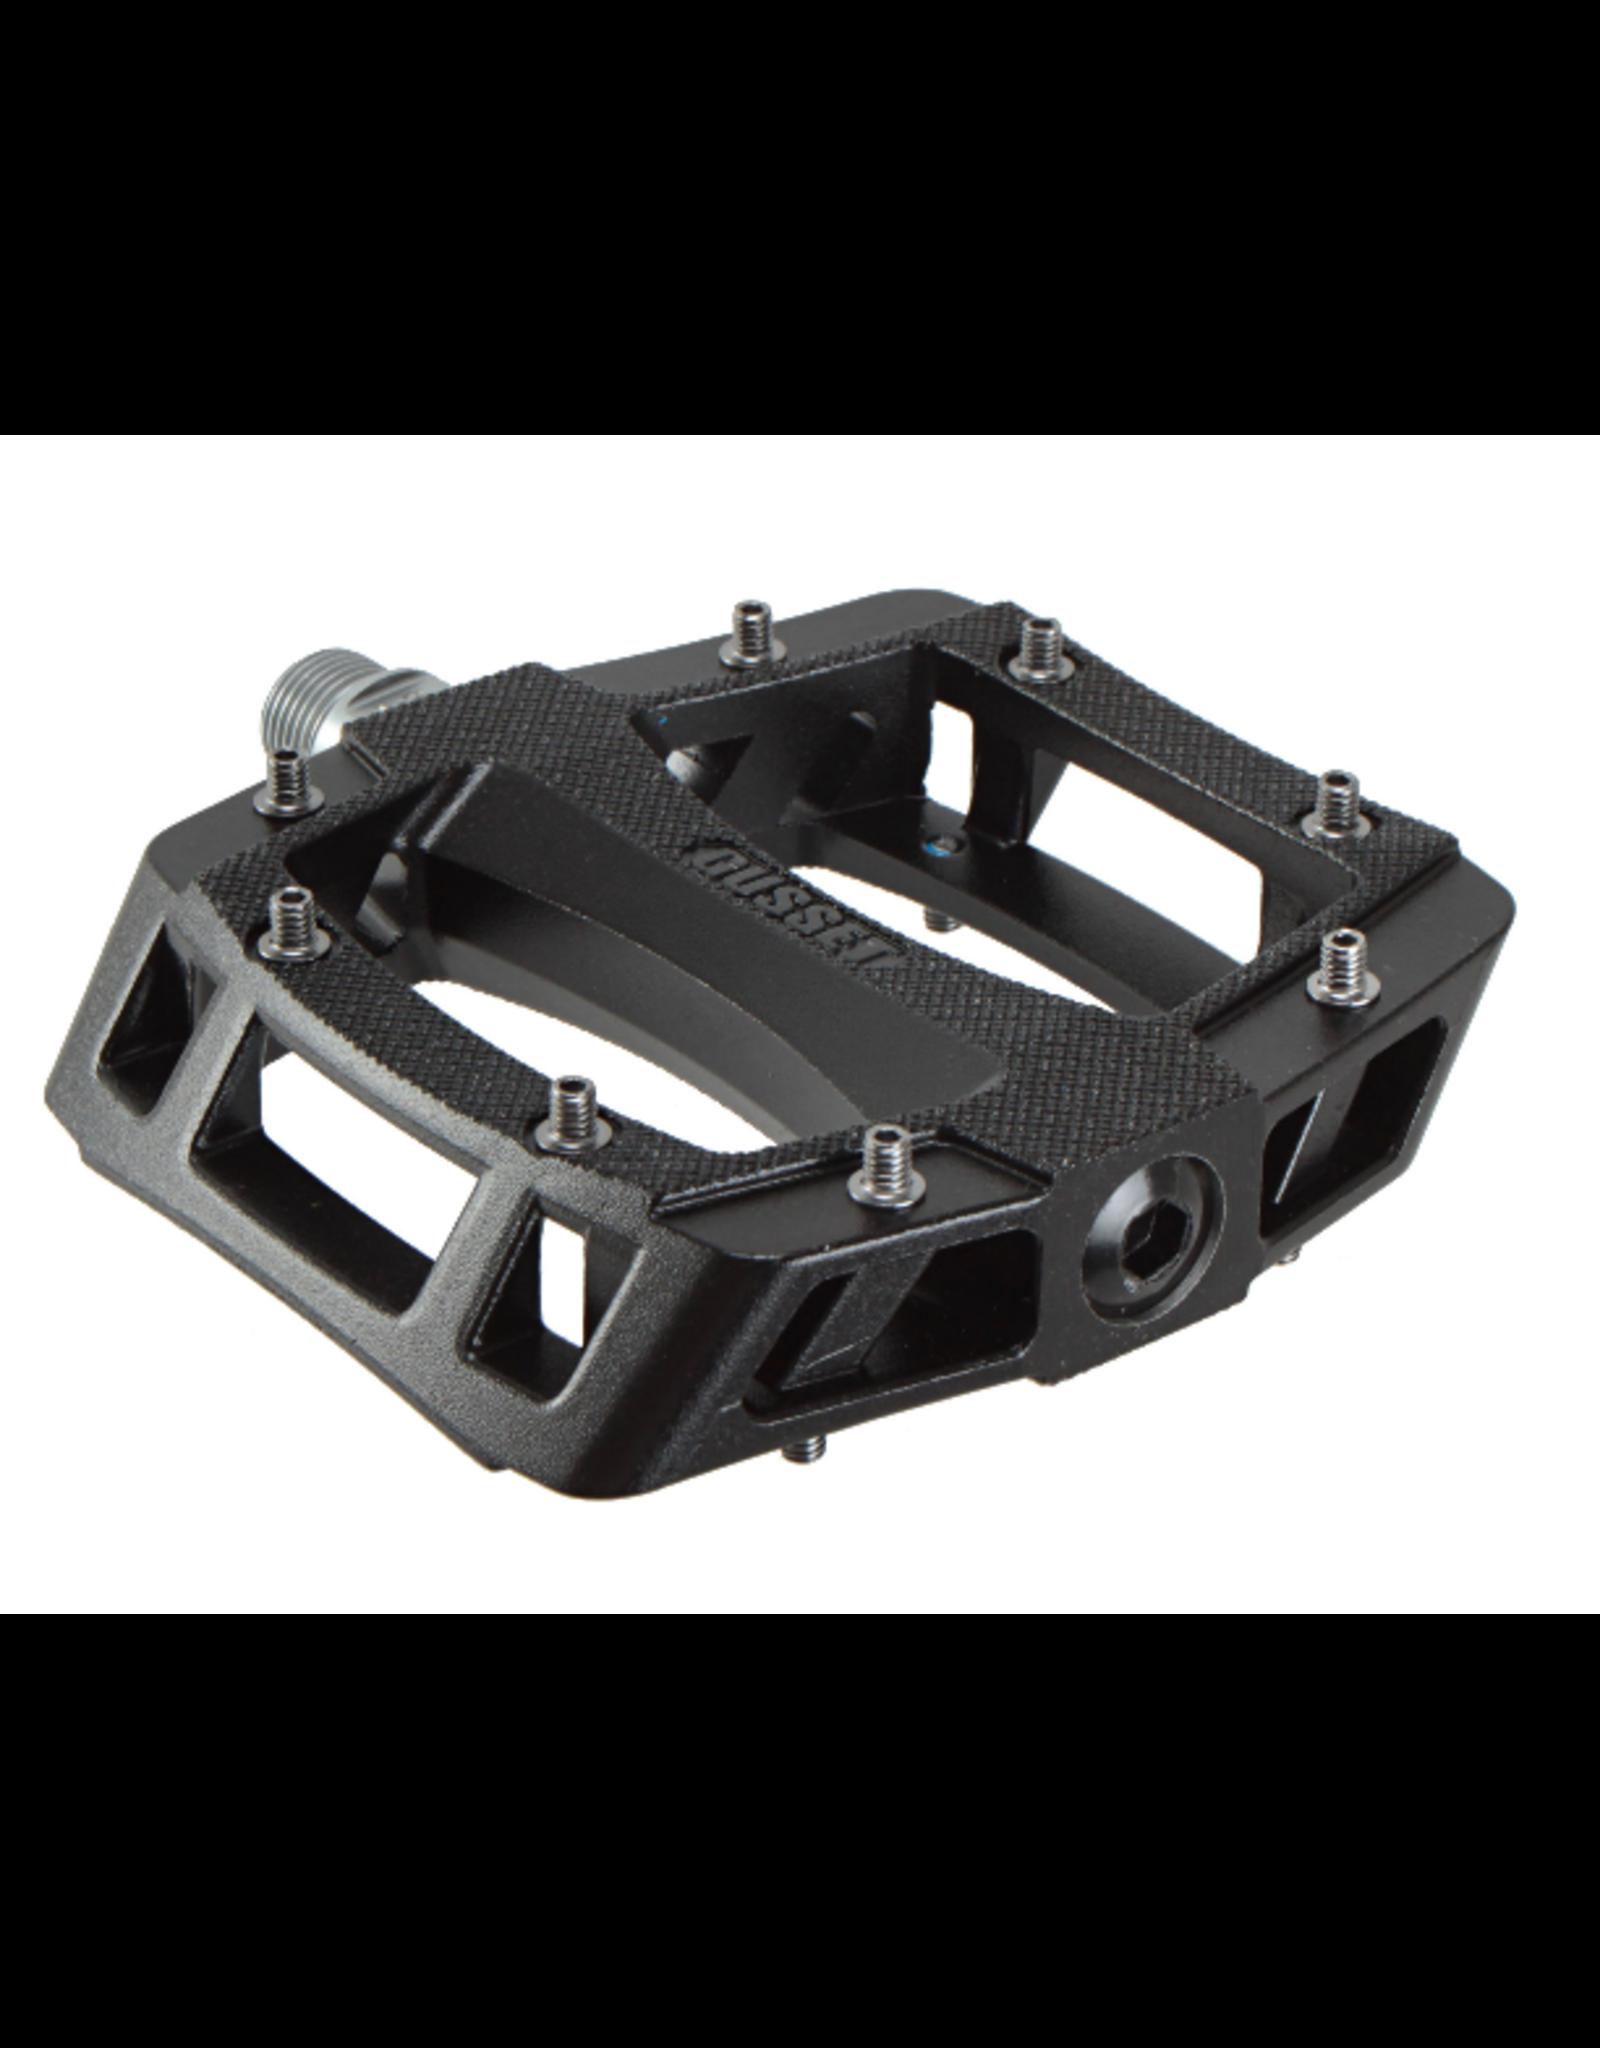 Gusset Gusset Slim Jim lb Platform Pedals Black